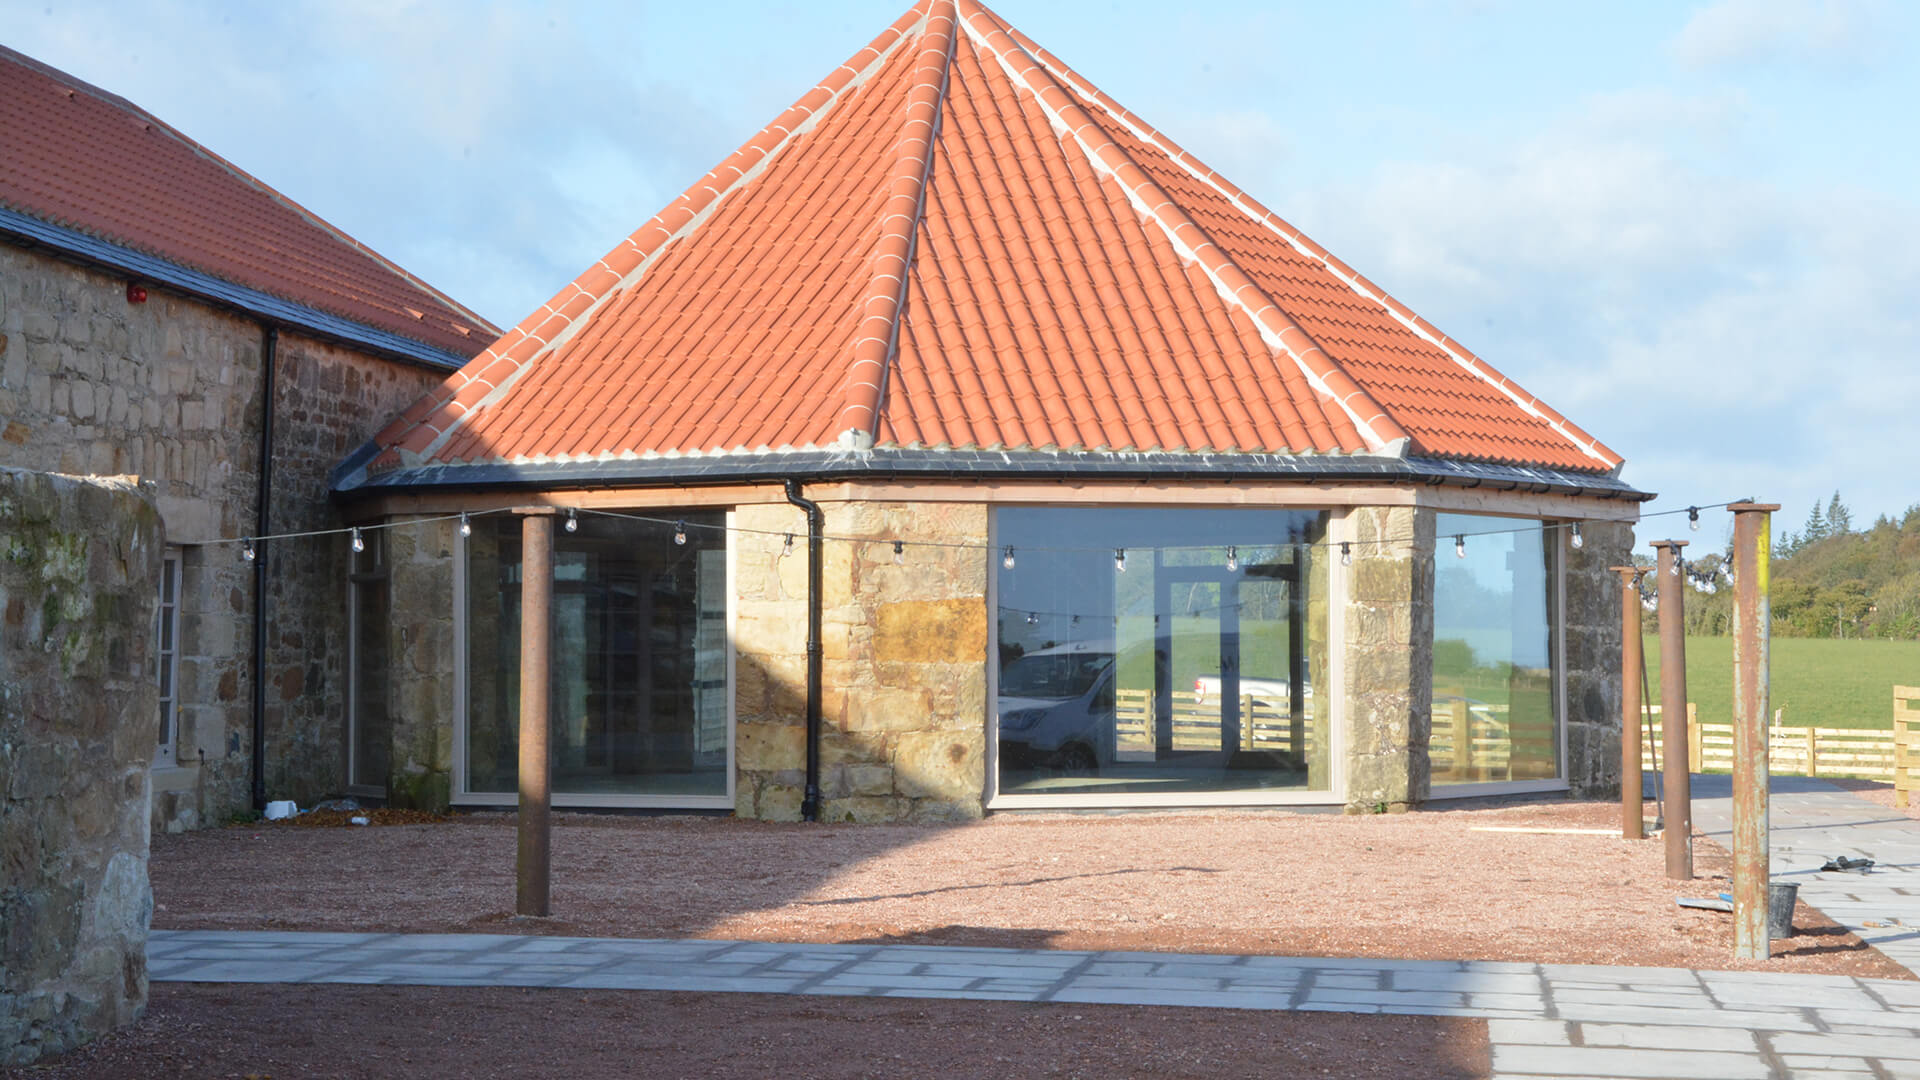 Falside Mill Venue circular part of building